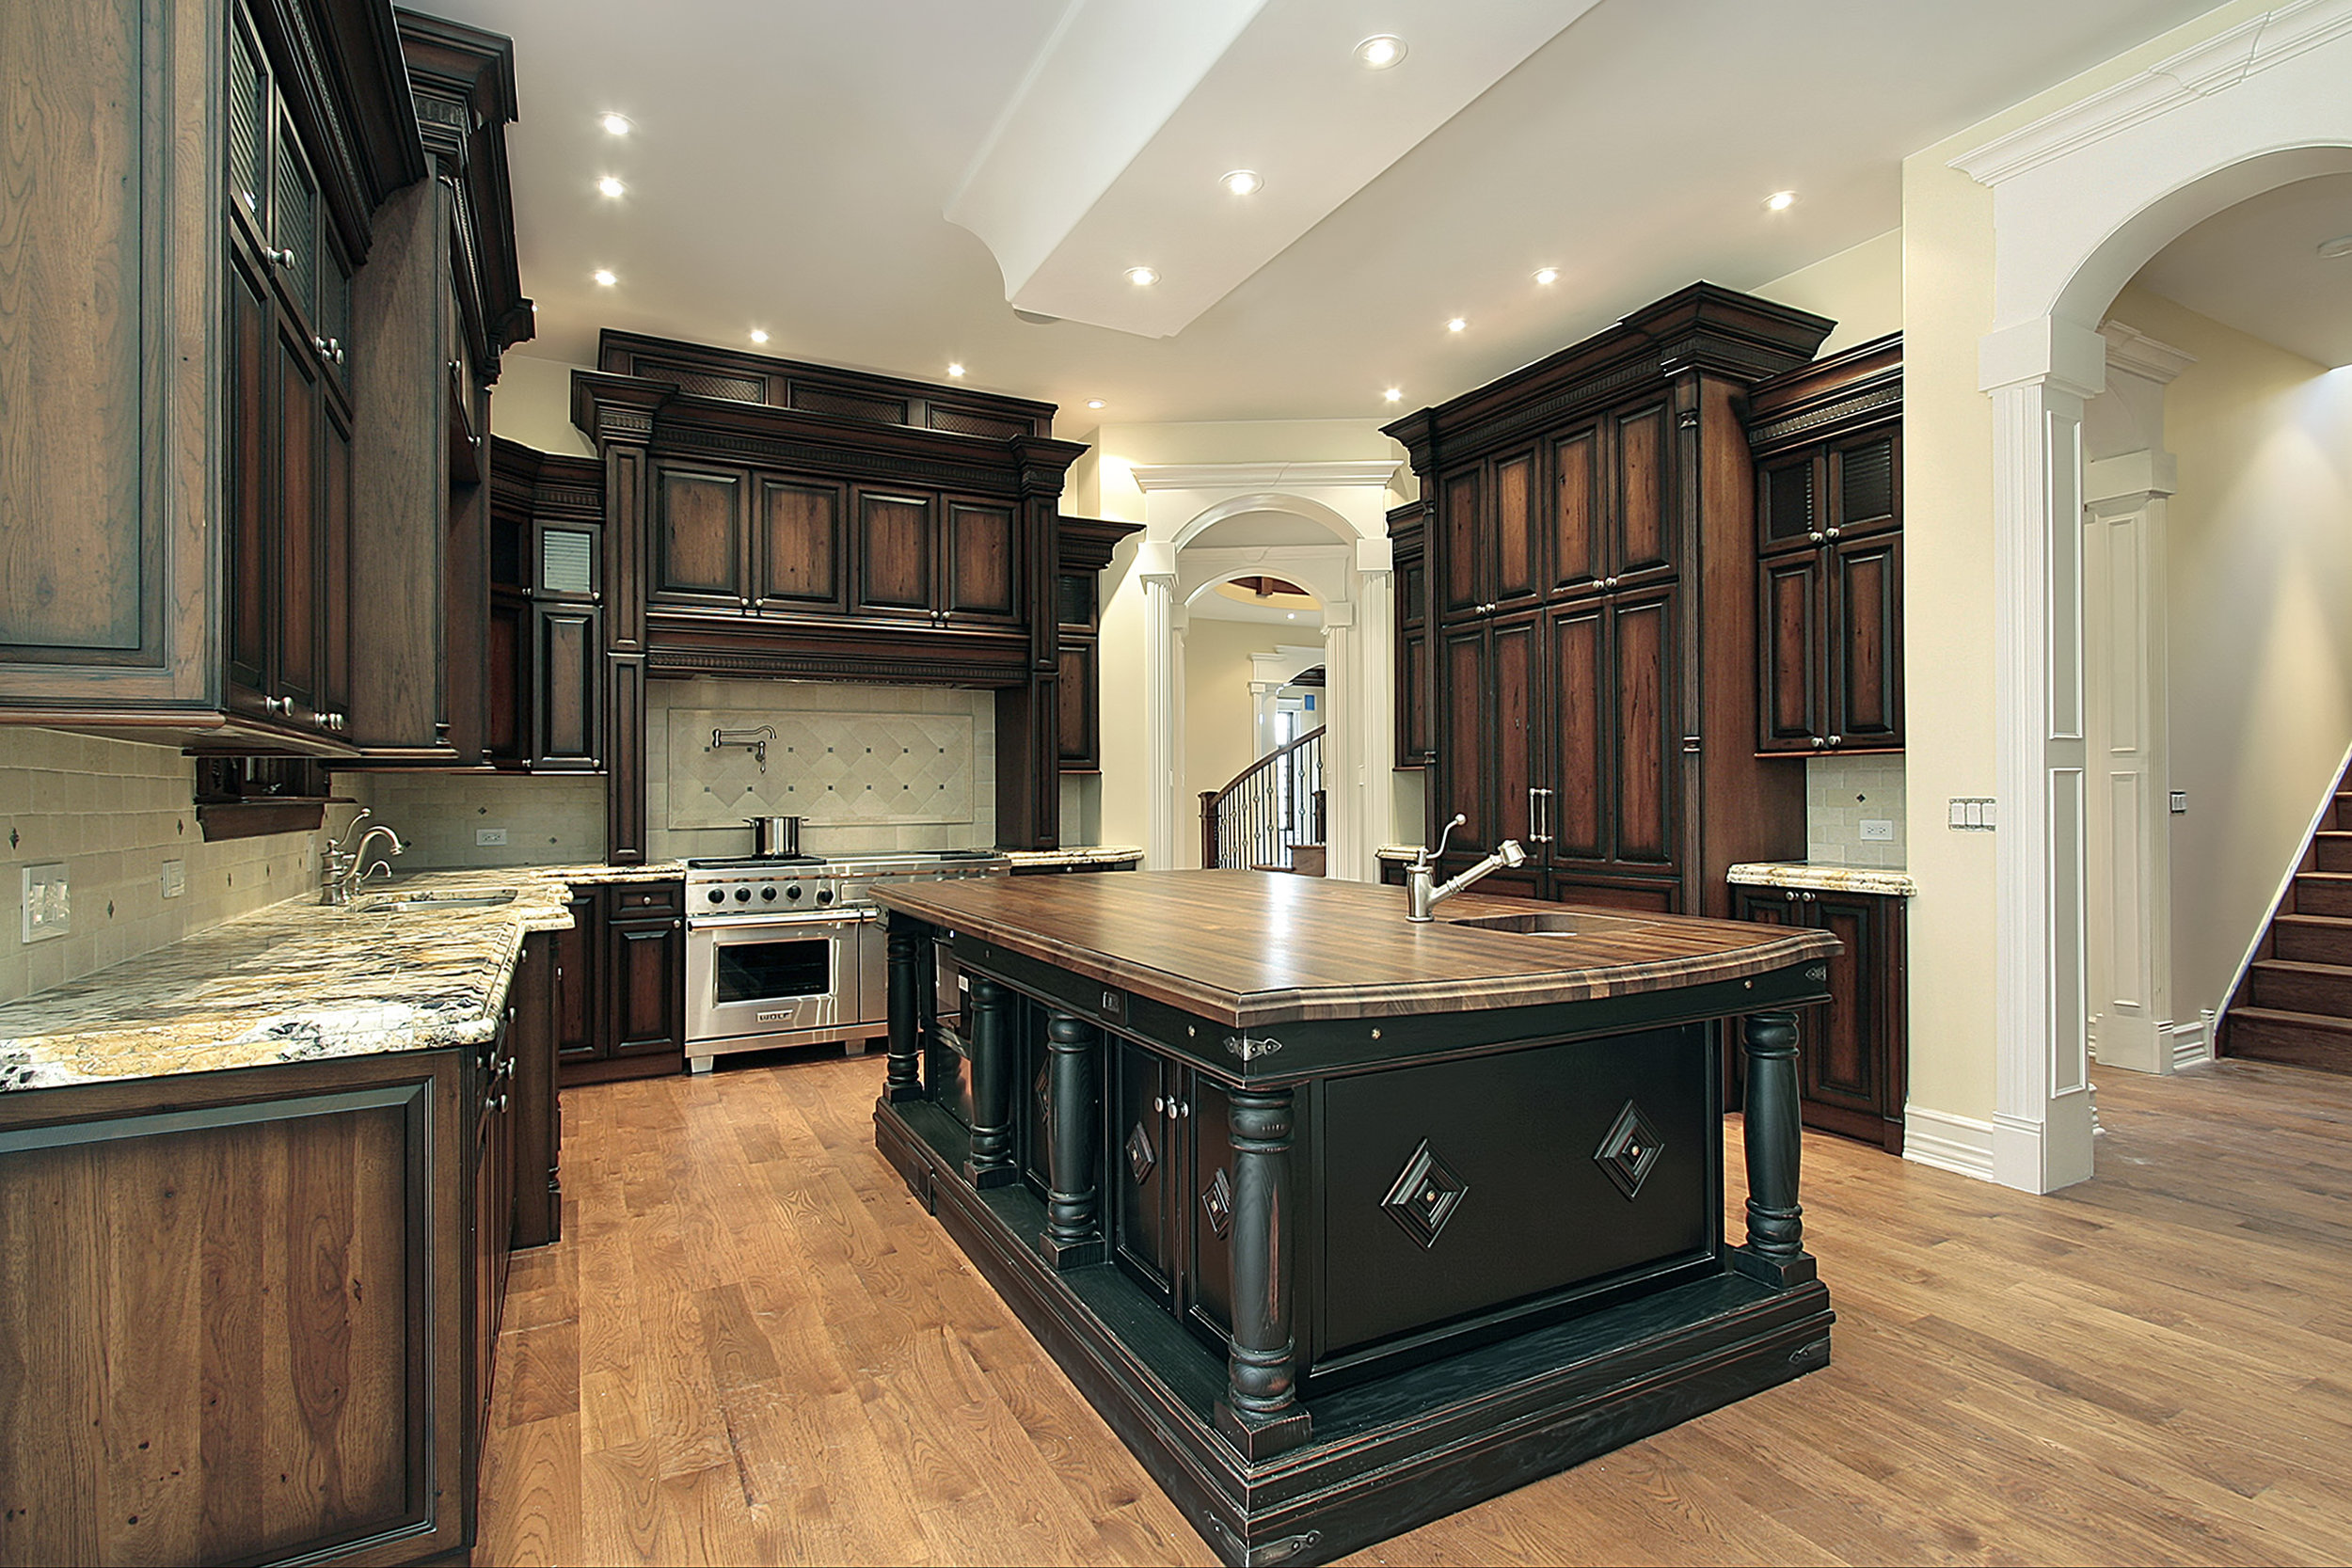 bigstock-Kitchen-With-Dark-Cabinetry-7010826.jpg